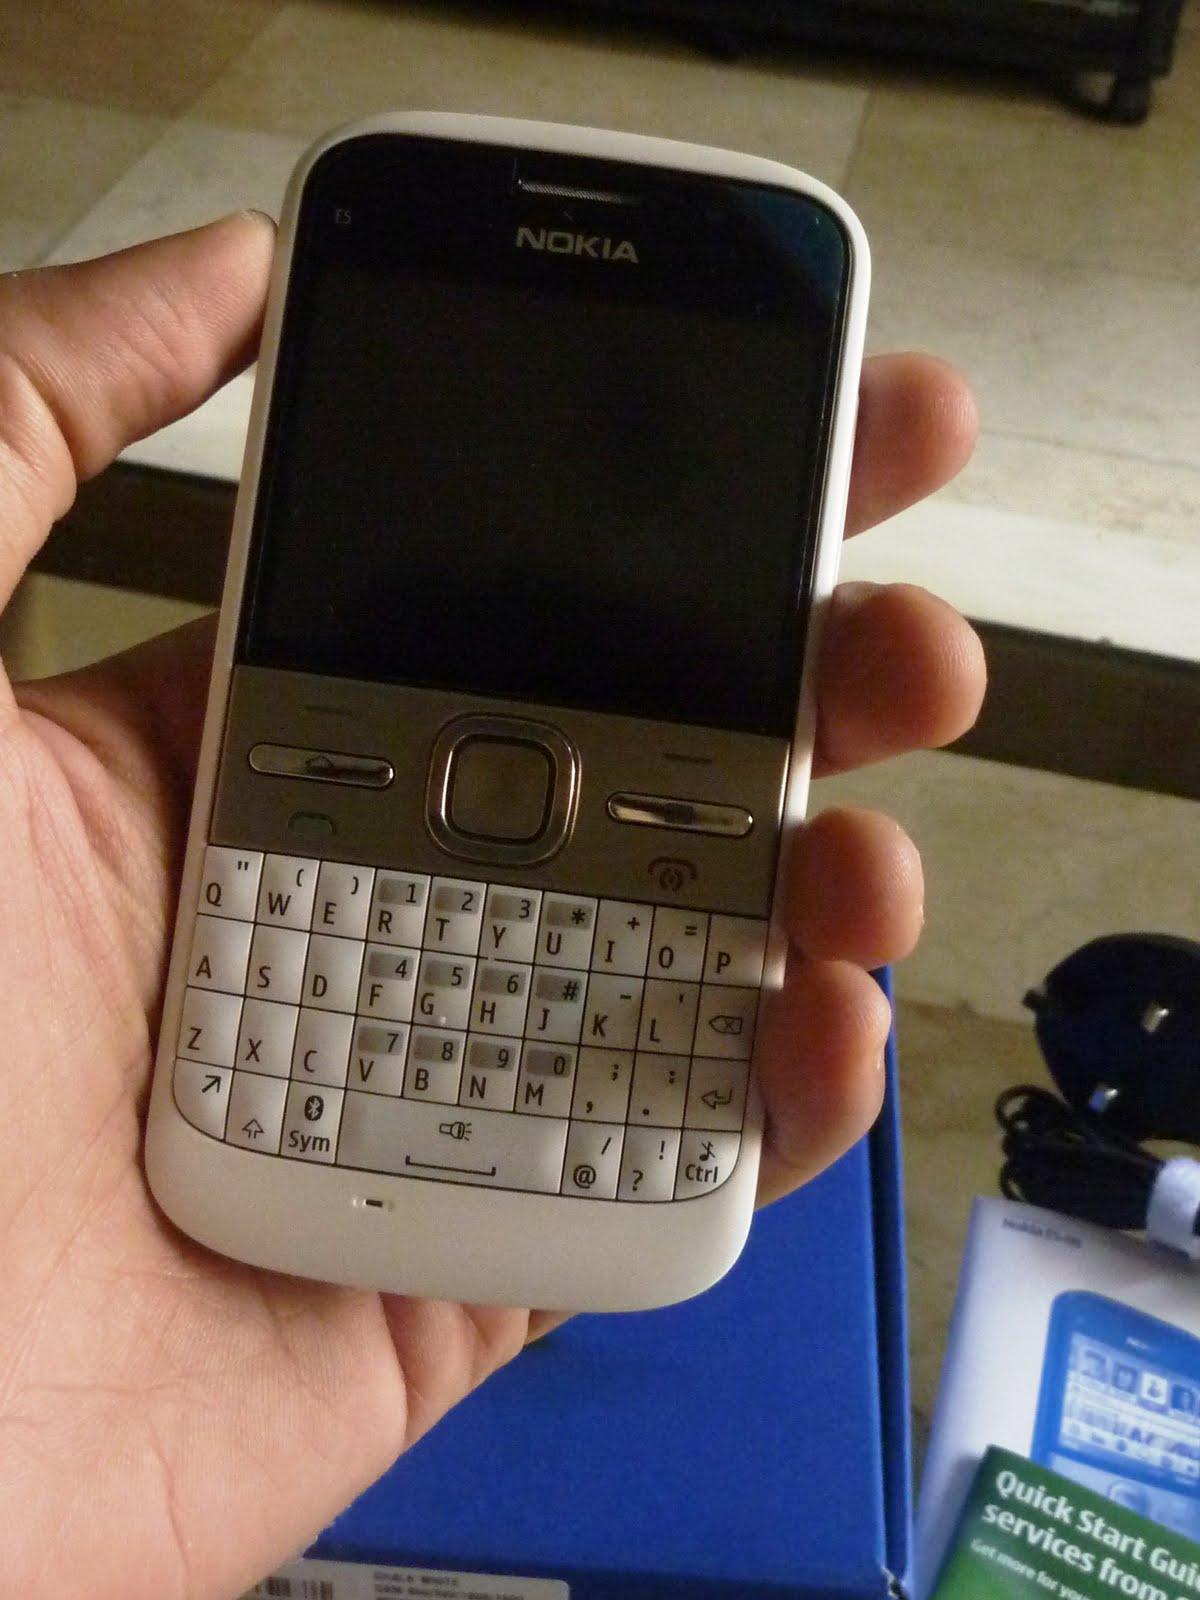 Nokia E5 Phone Review | Glich's Life